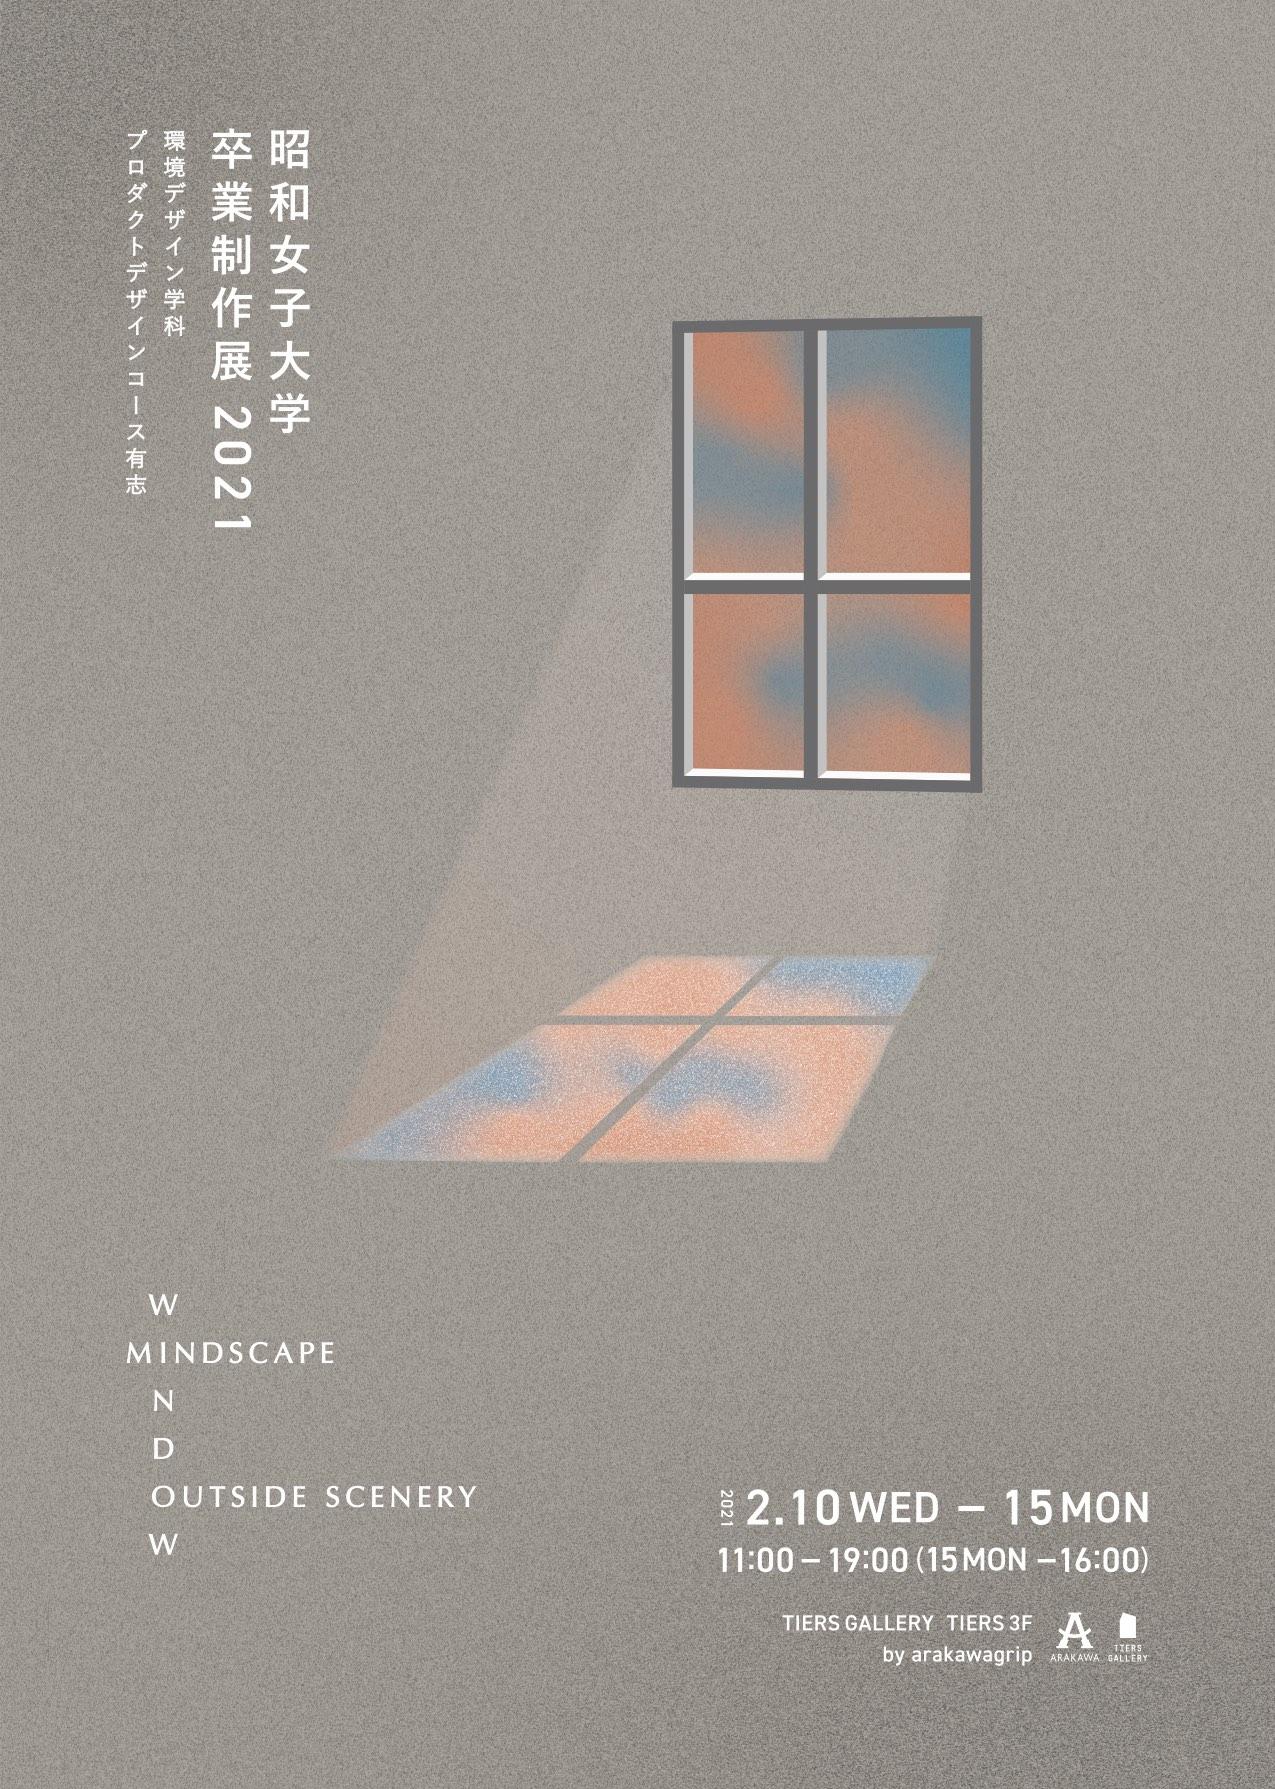 昭和女子大学 卒業制作展2021 WINDOW  ー mindscape,outside scenery ー